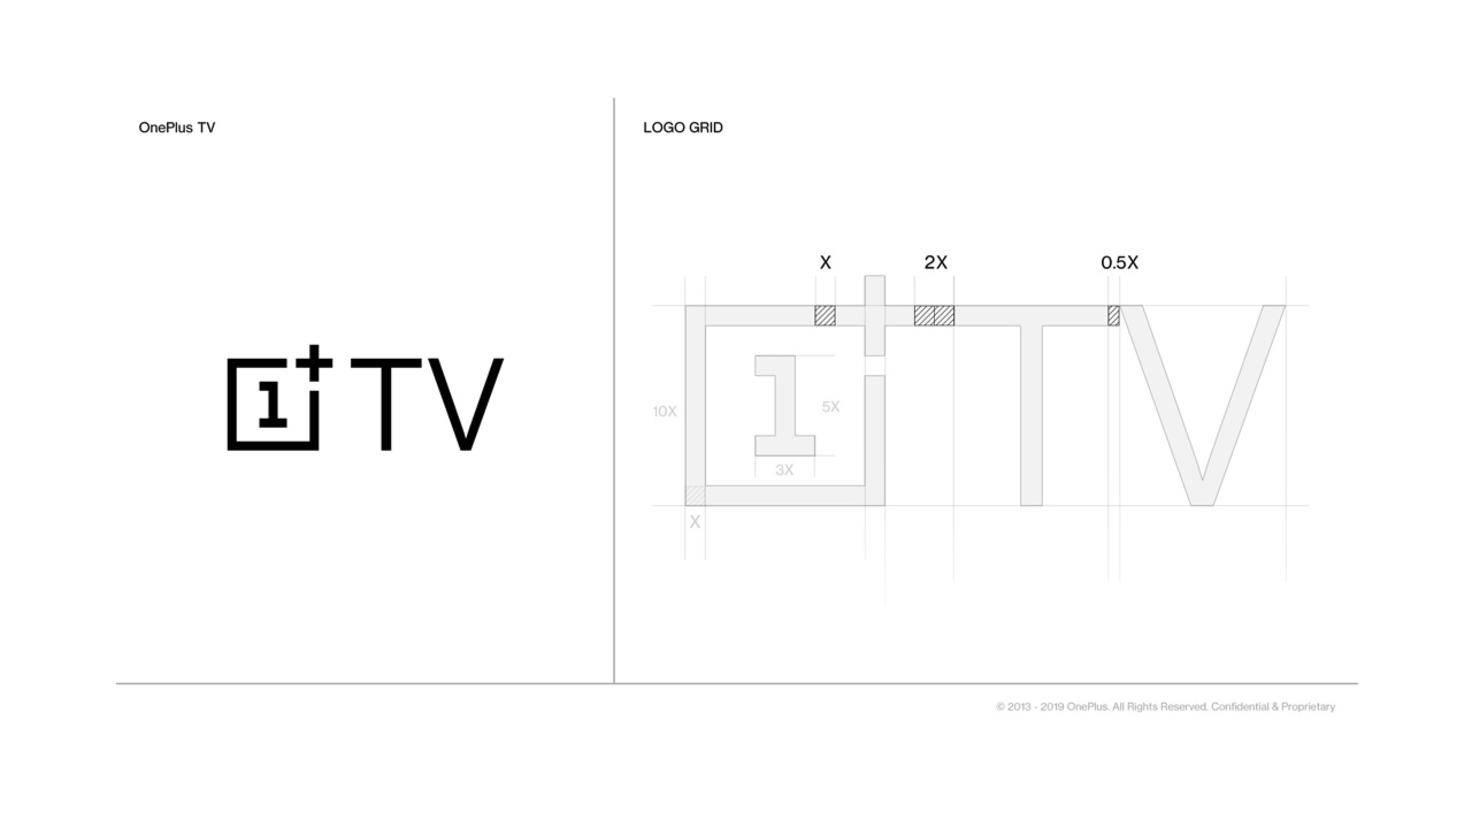 Logo für die Fernseher von OnePlus